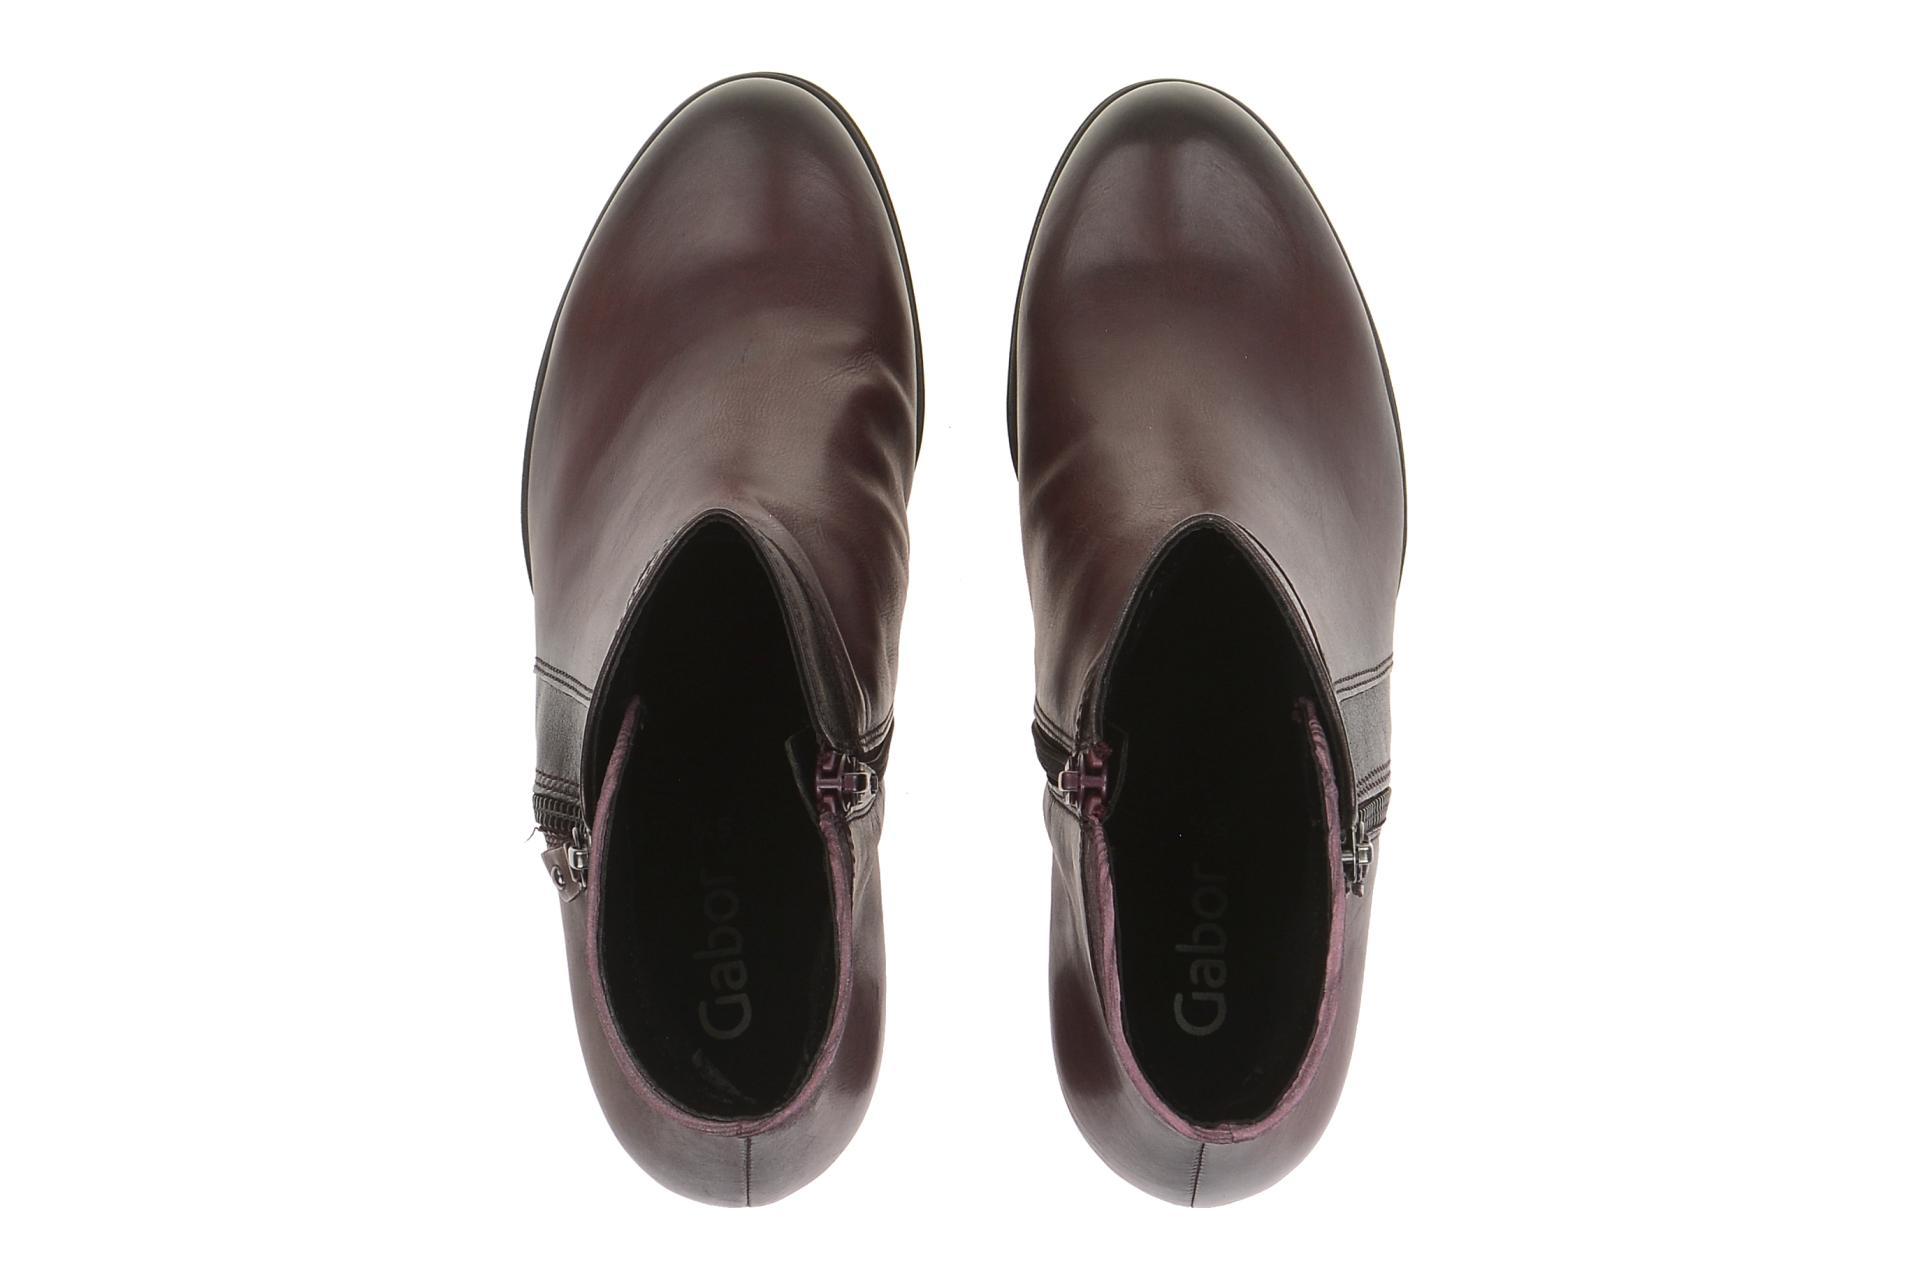 Gabor Schuhe 55.783 rot Damen Stiefeletten bequeme Stiefelette 55.783.25 NEU 6c1568dd45